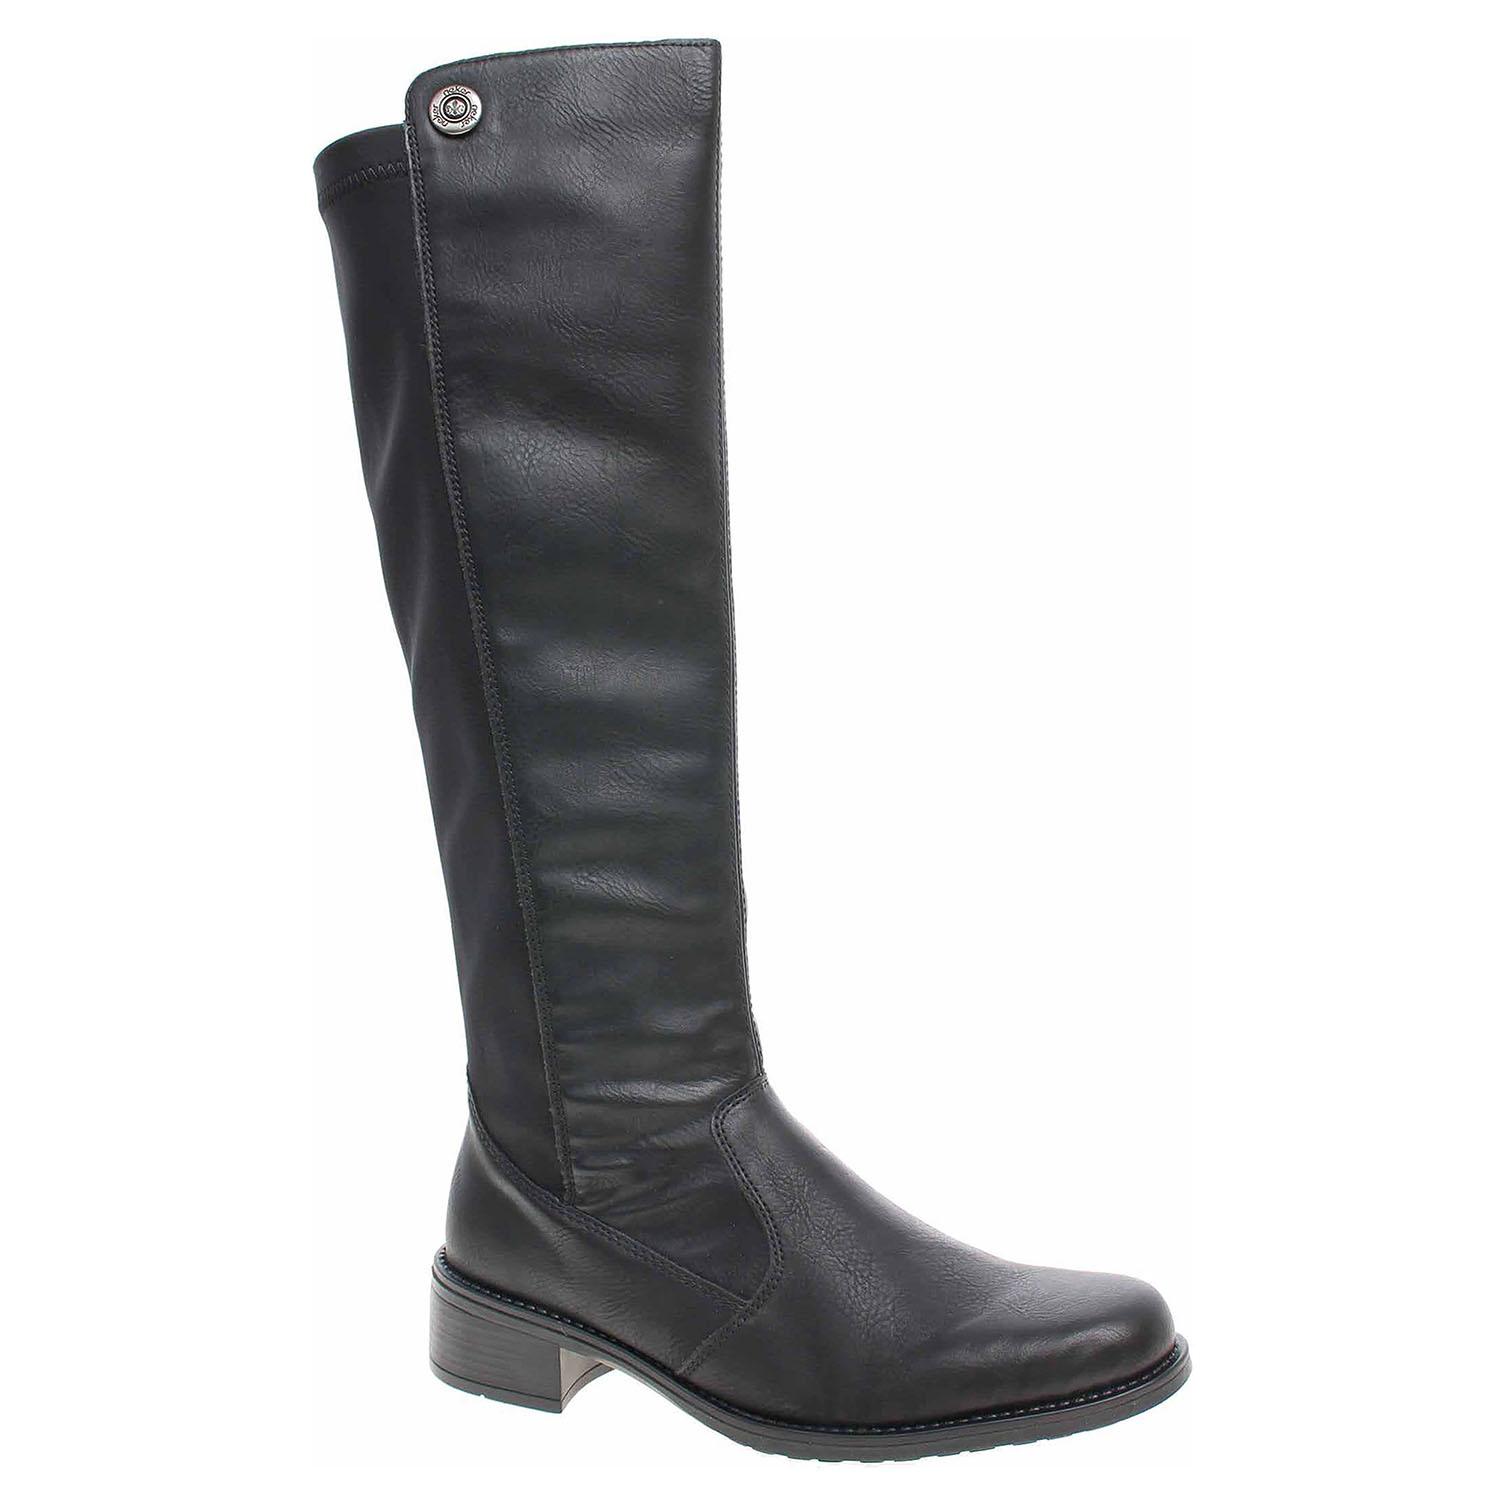 4165fcf56b66e Dámske čižmy Rieker Z7391-00 schwarz | REJNOK obuv